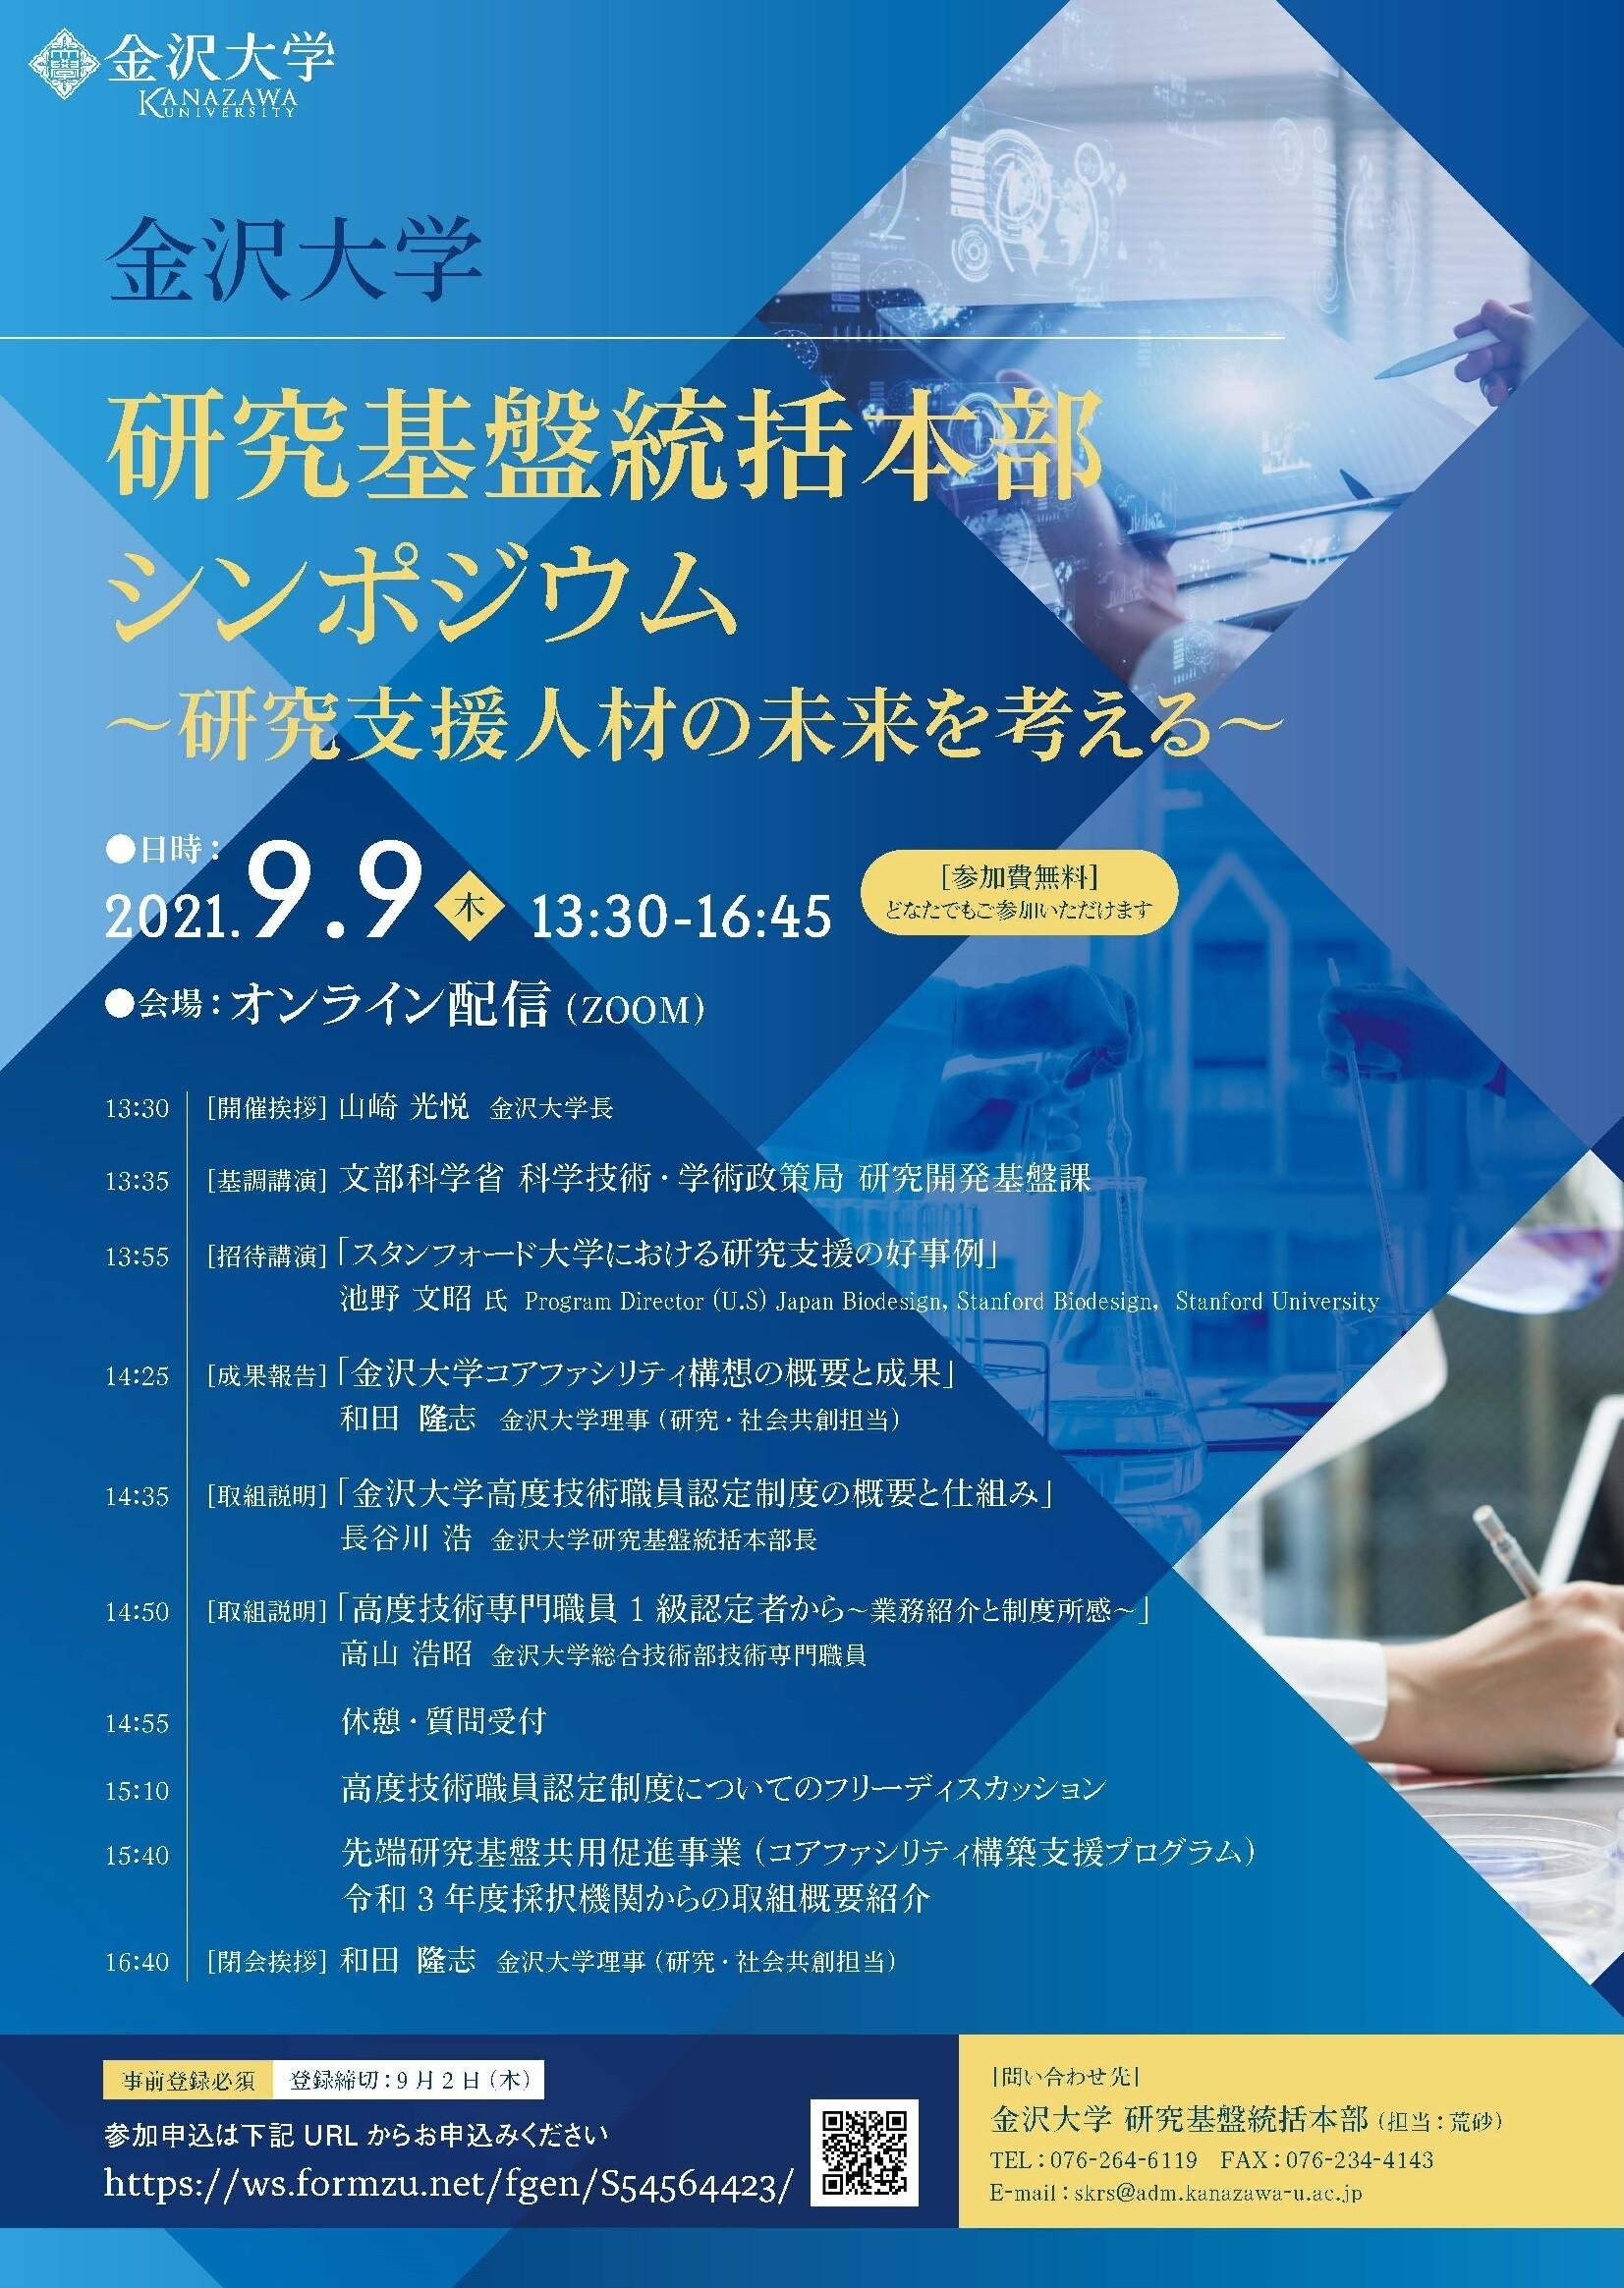 金沢大学研究基盤統括本部シンポジウム_フライヤー.jpg